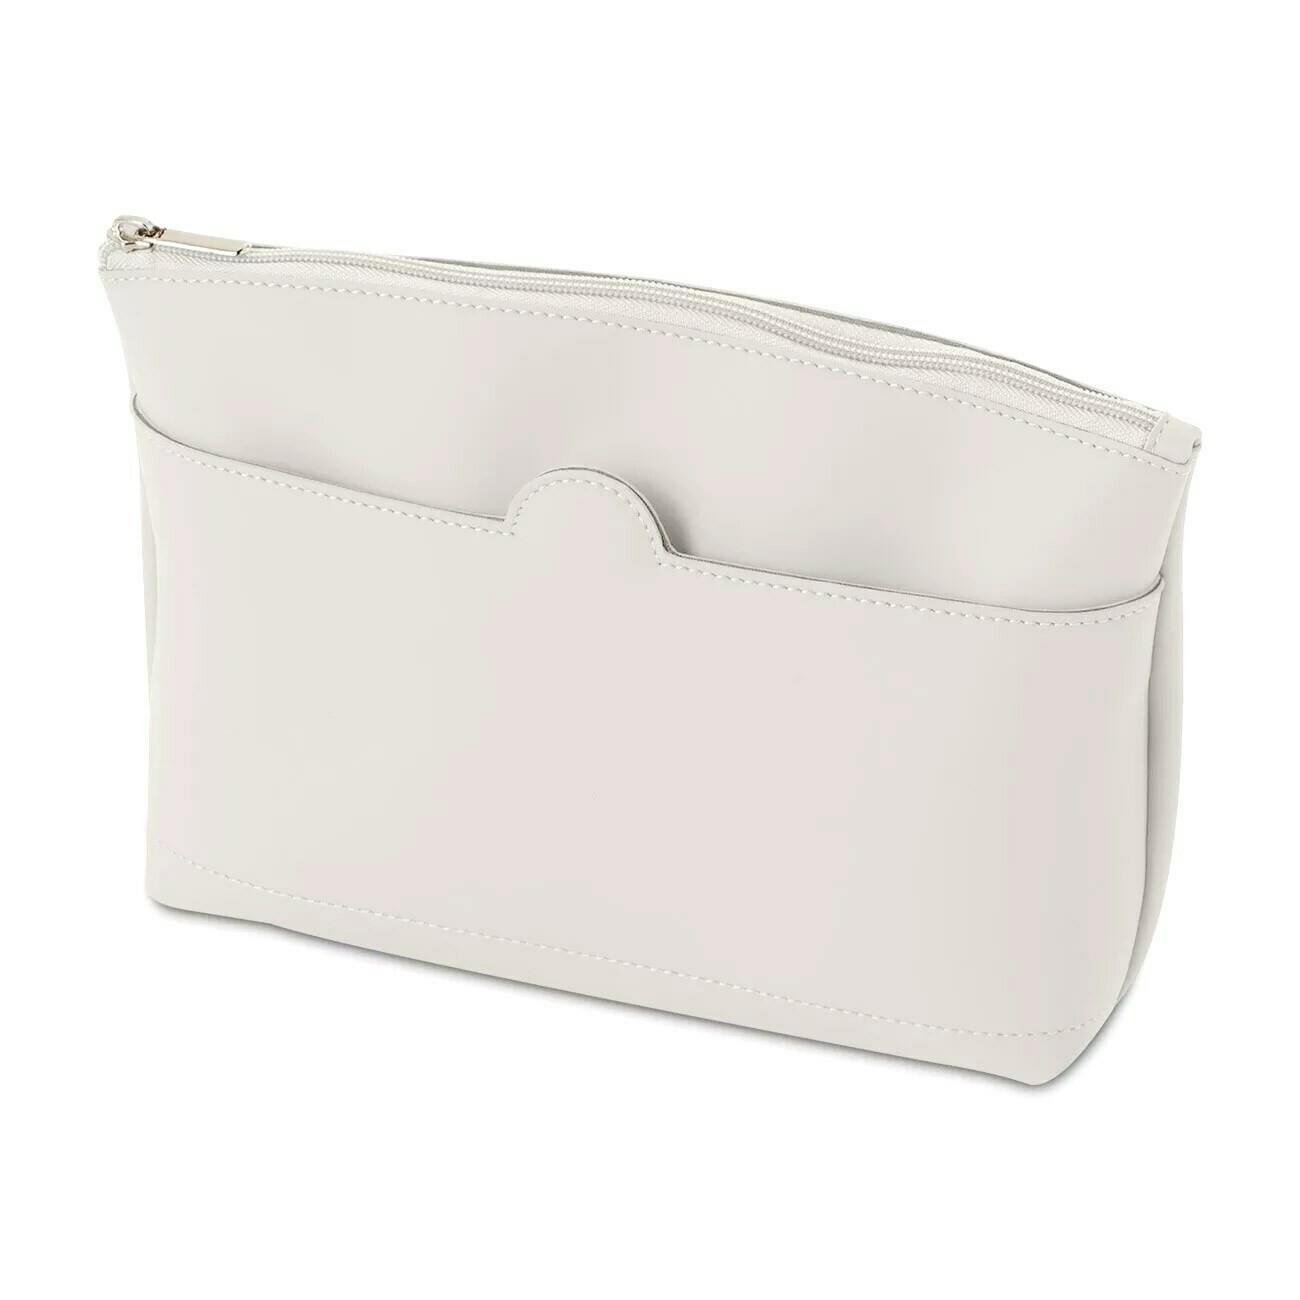 O bag up pochette in tessuto gommato soft